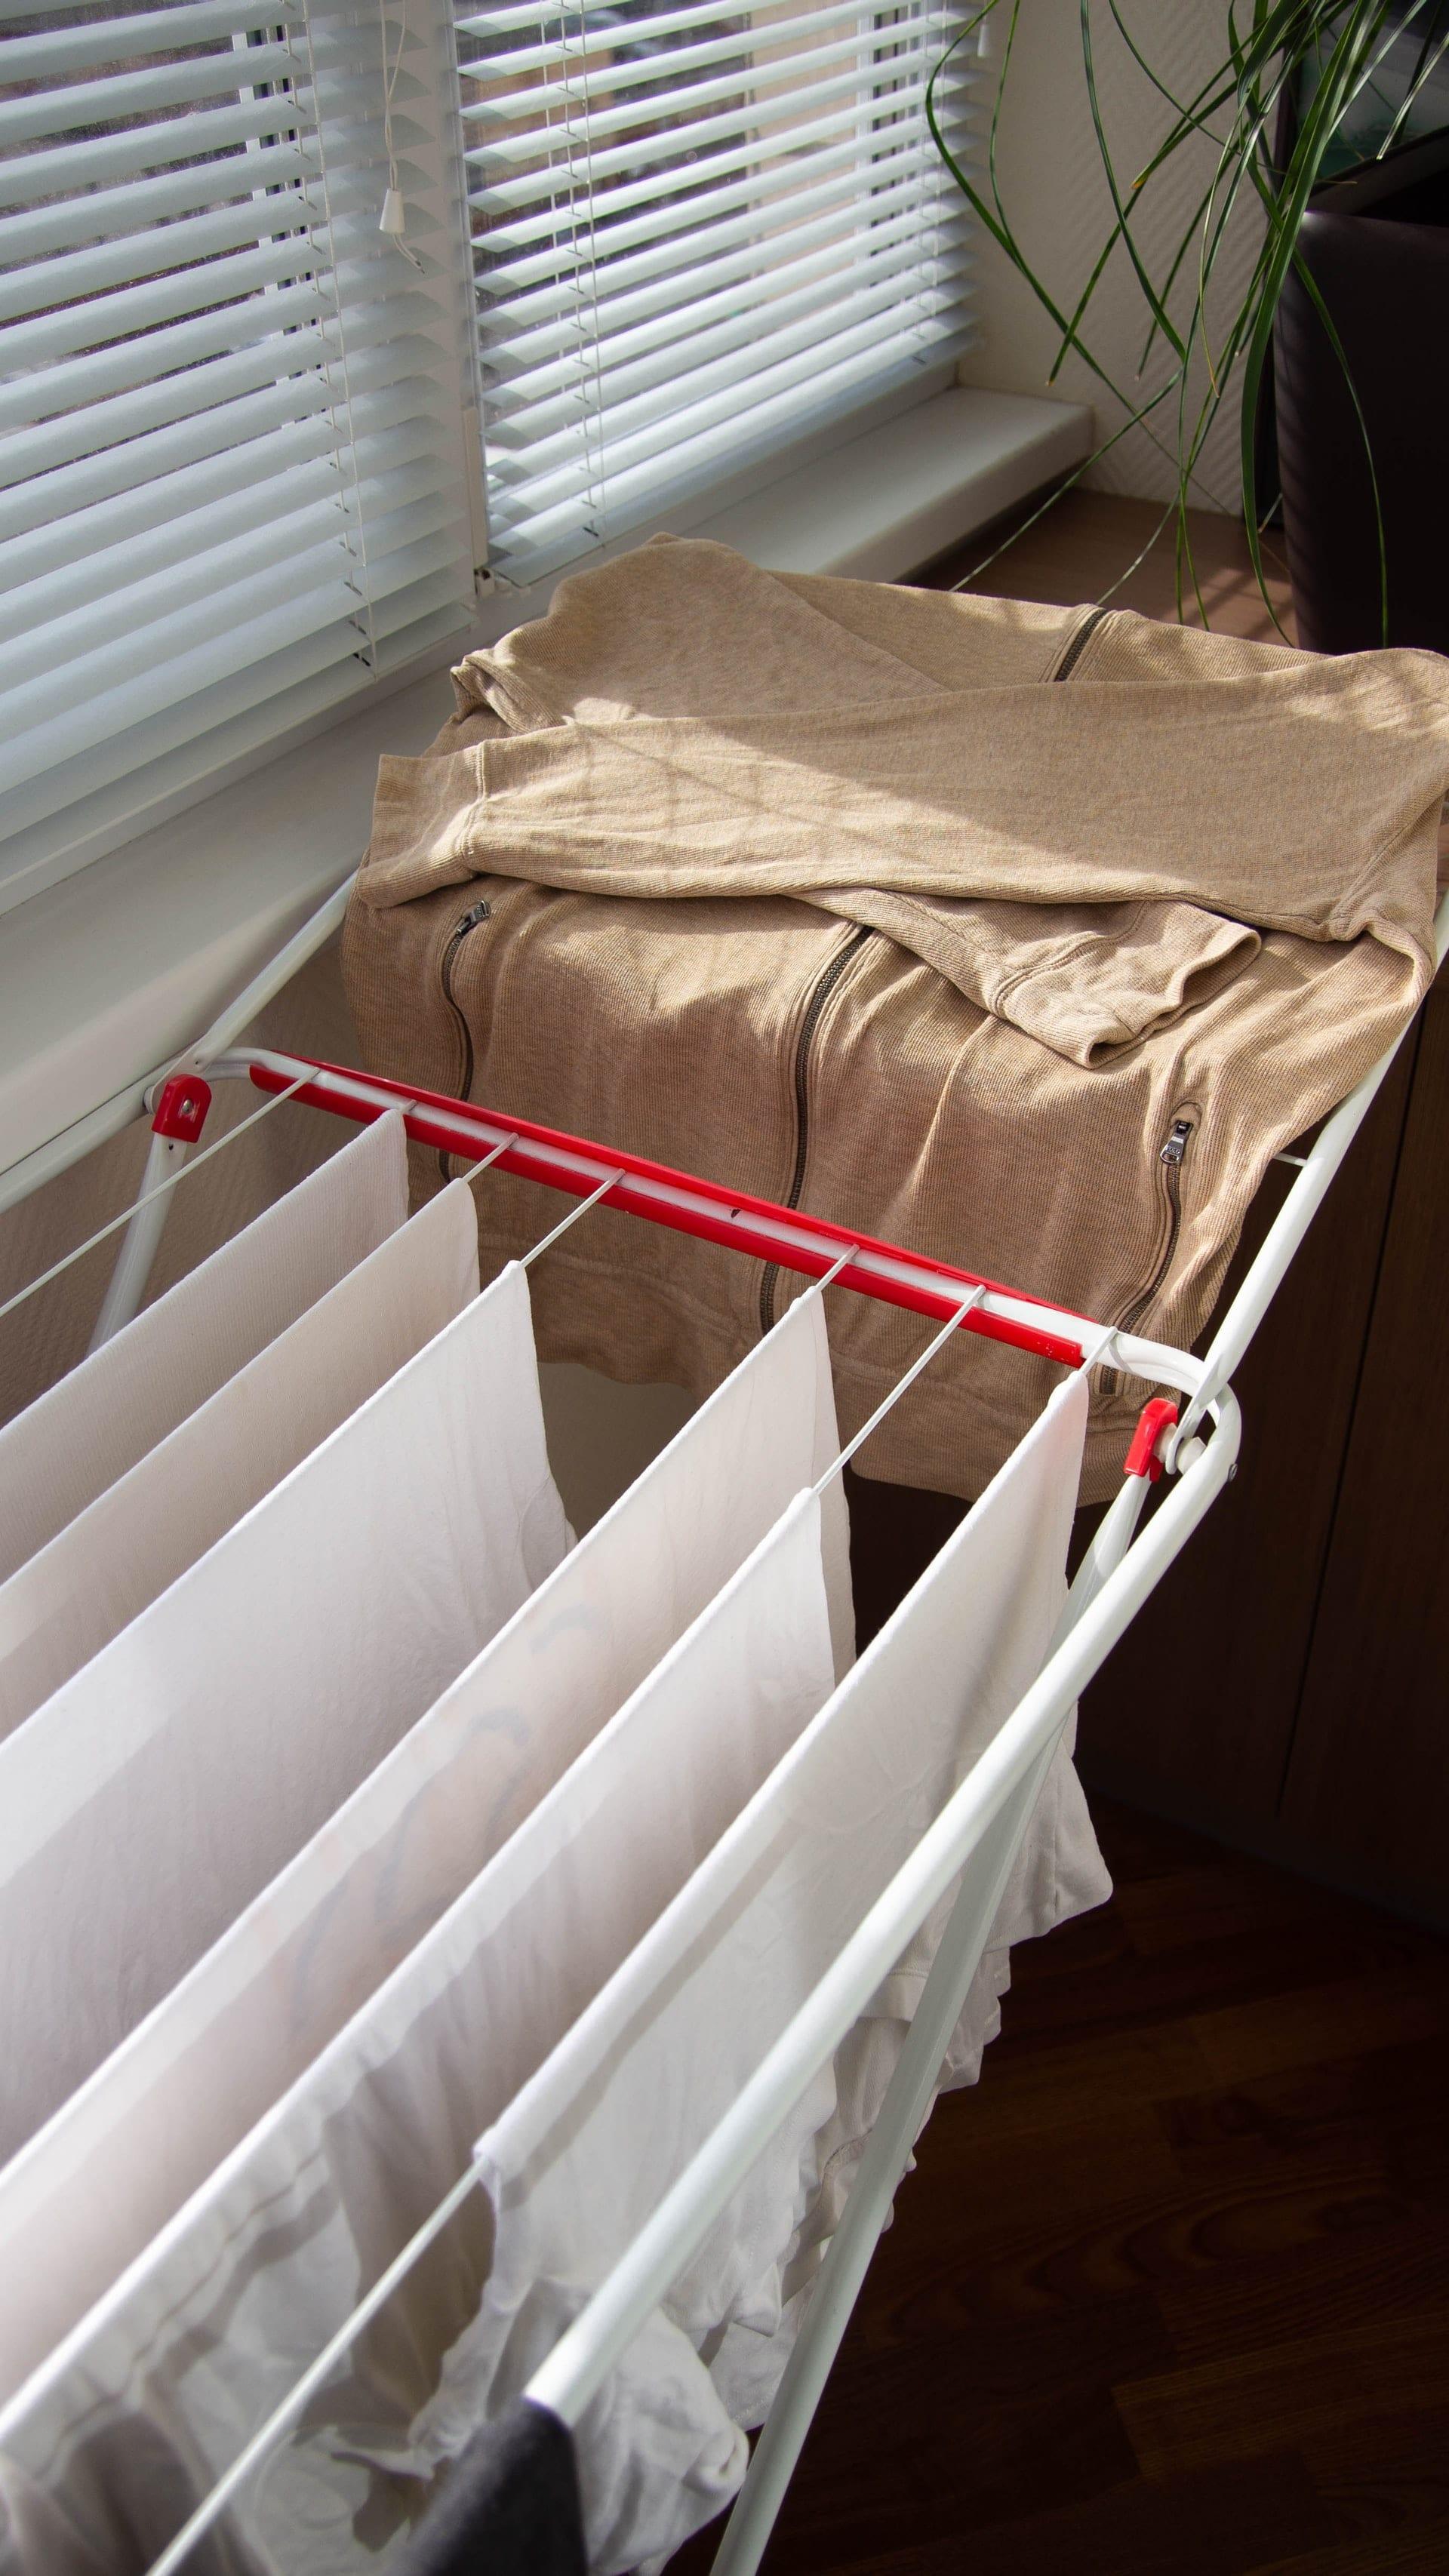 natural humidifier - drying rack